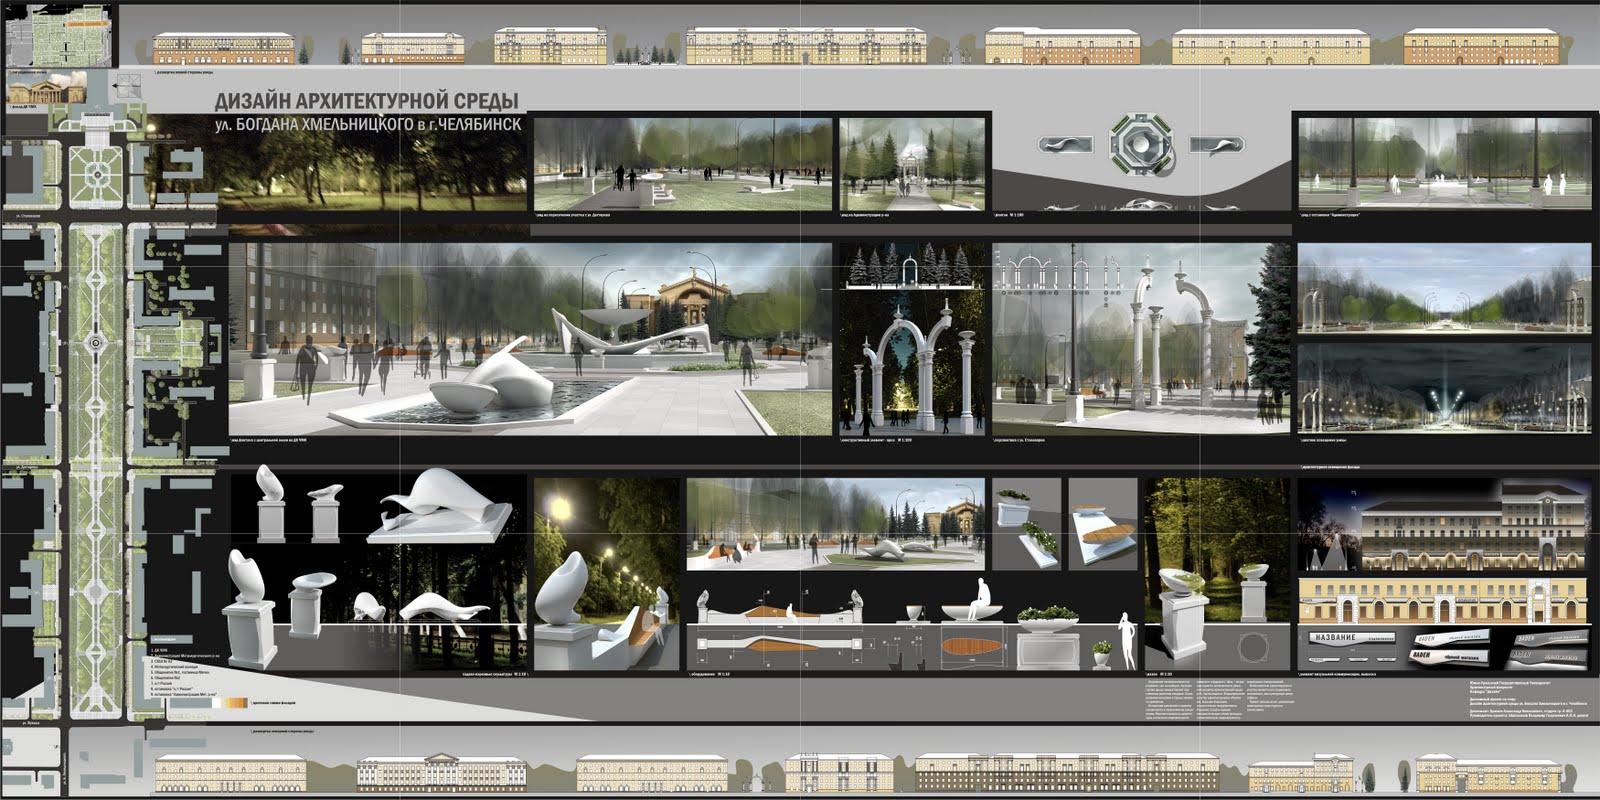 мастерская А Б дизайн архитектурной среды ул Б Хмельницкого в  дипломный проект 2009 пояснительная записка doc ПЛАНШЕТ 7000х3500px